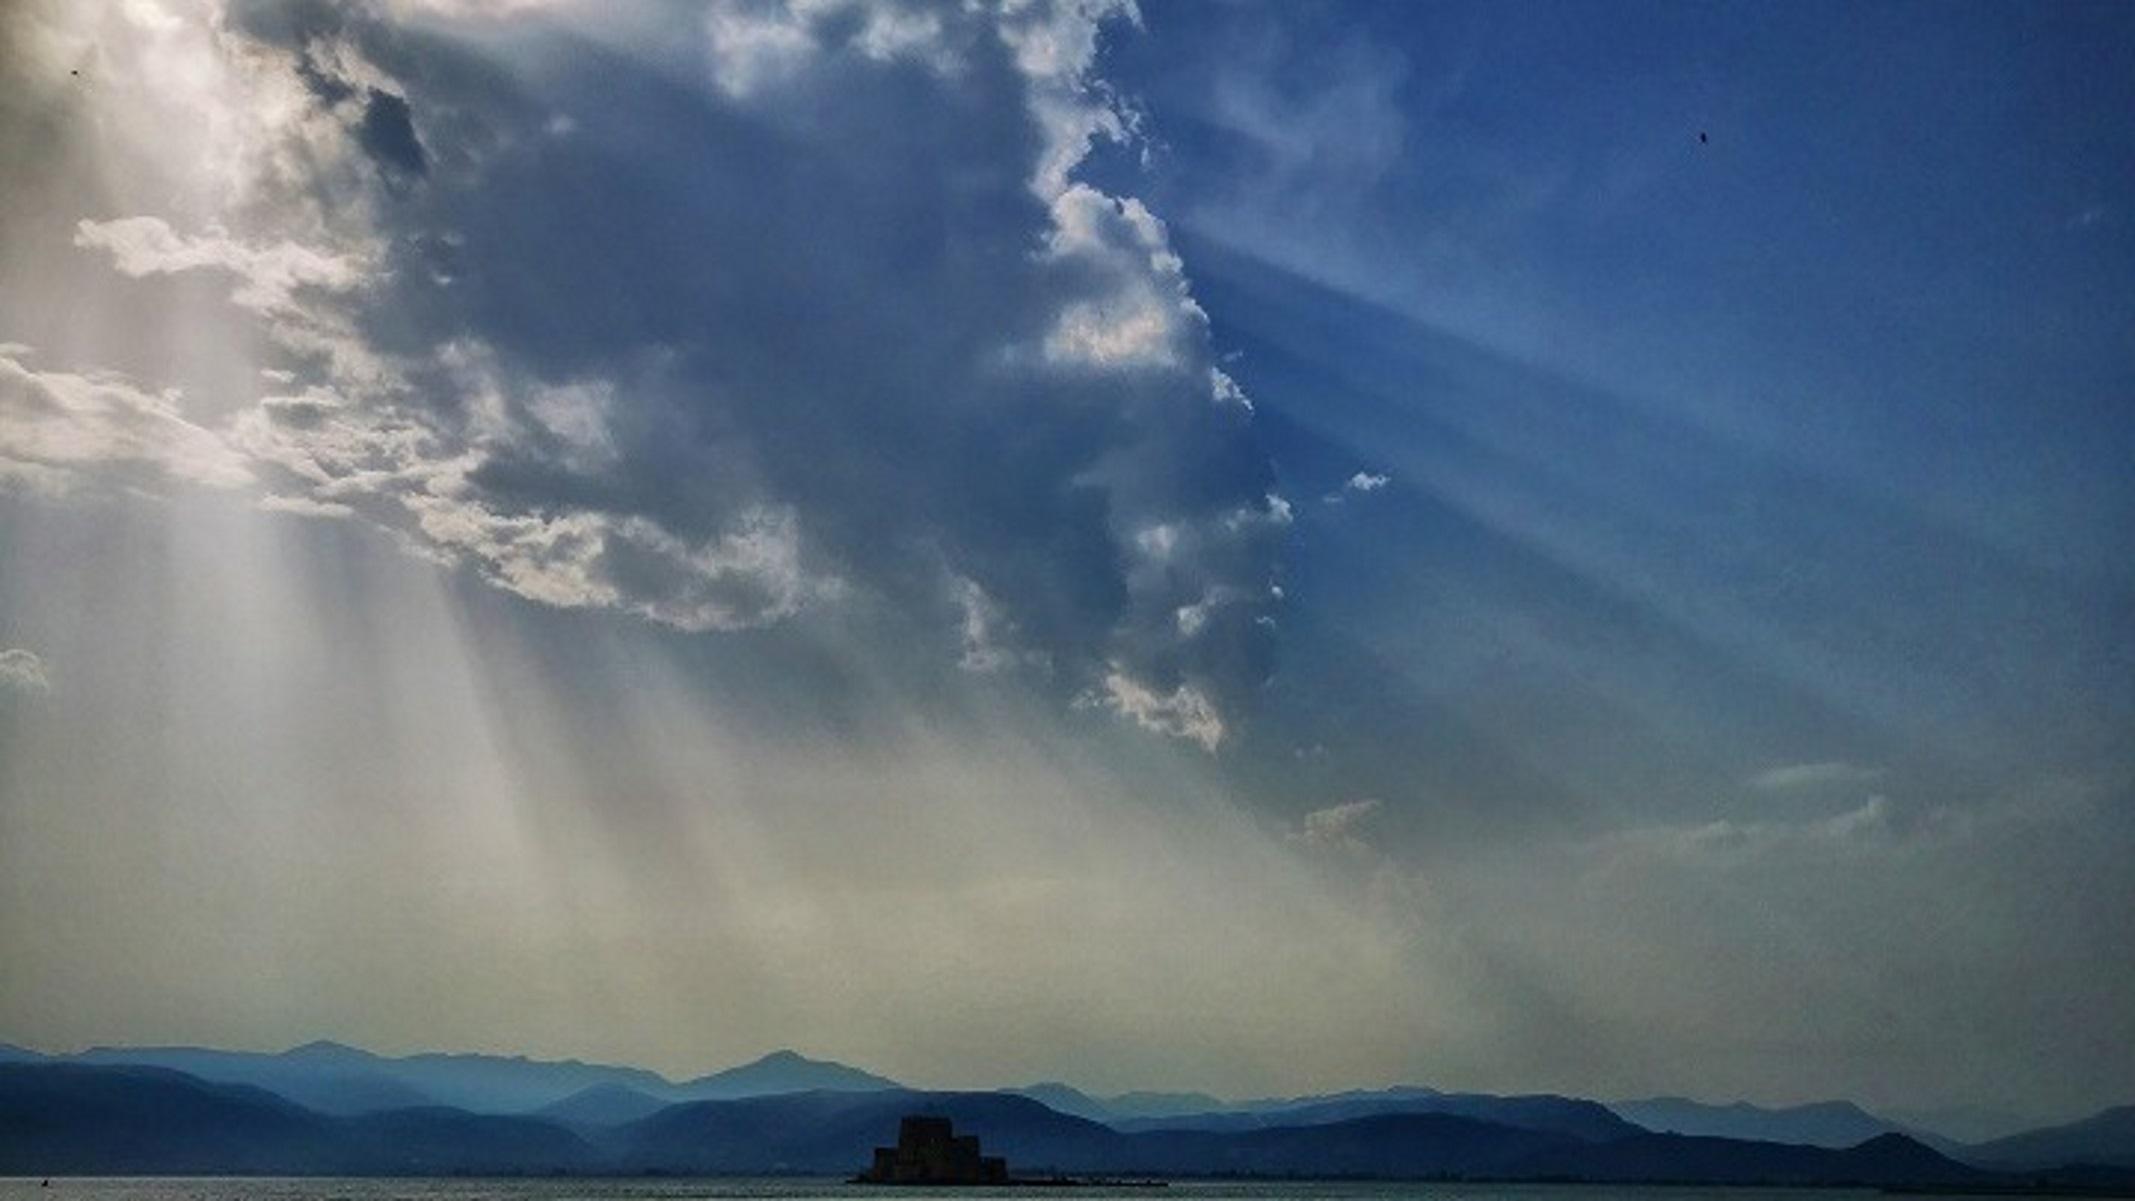 Καιρός αύριο: Πού θα πέσουν βροχές και καταιγίδες – «Τραβάει» 38άρι ο υδράργυρος